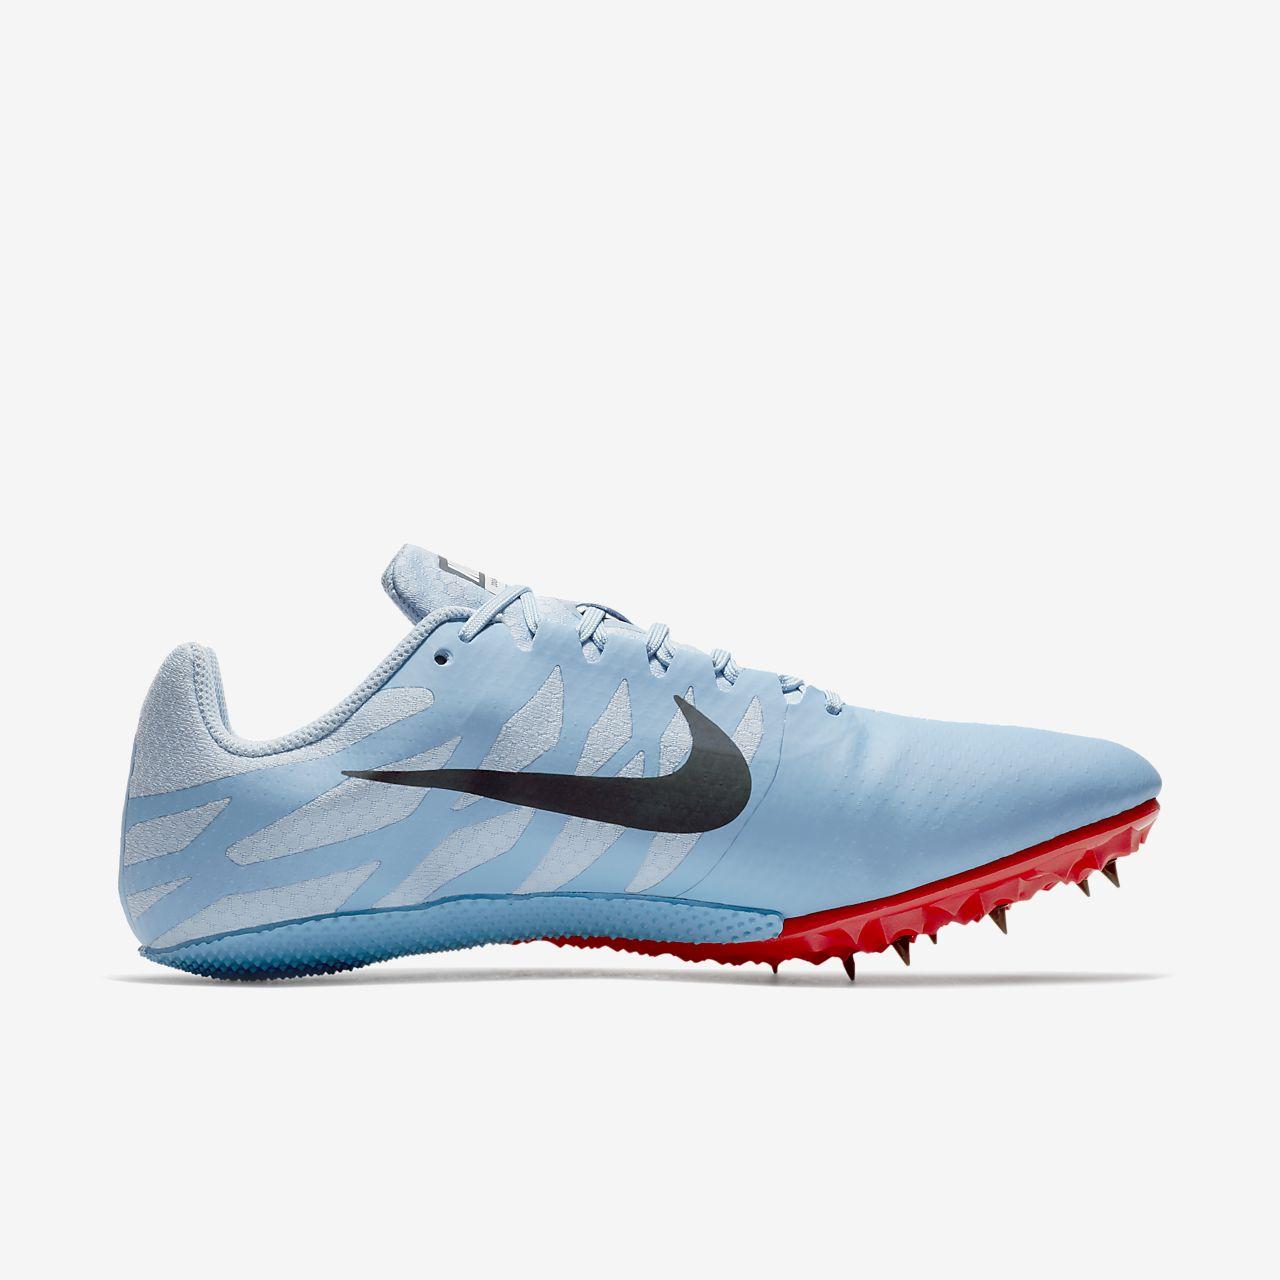 9 Unisexe Nike Rival Zoom MlYzmR8G8S